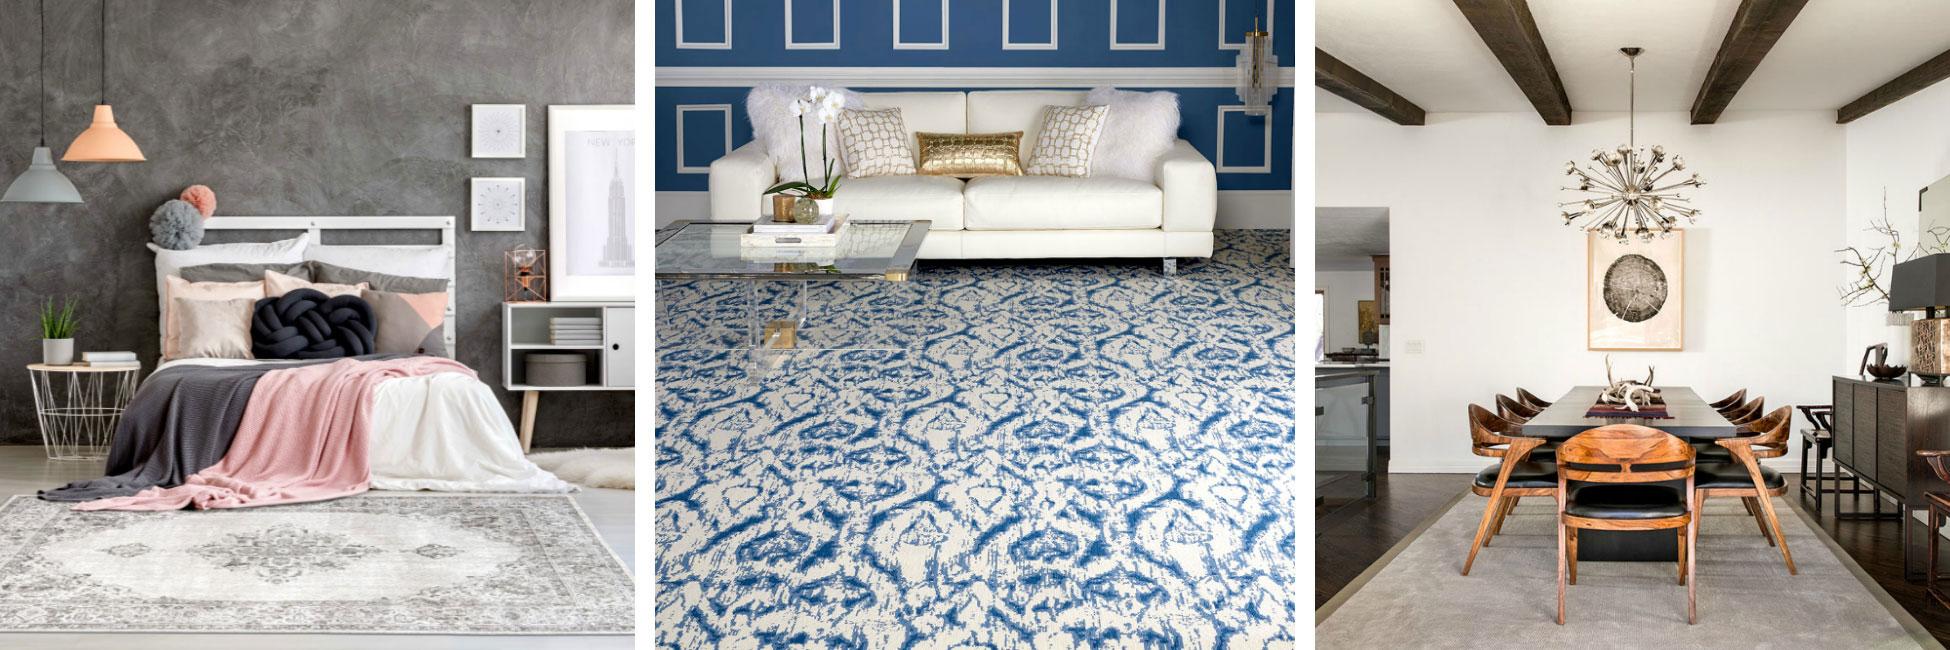 Aztec Carpet & Rug